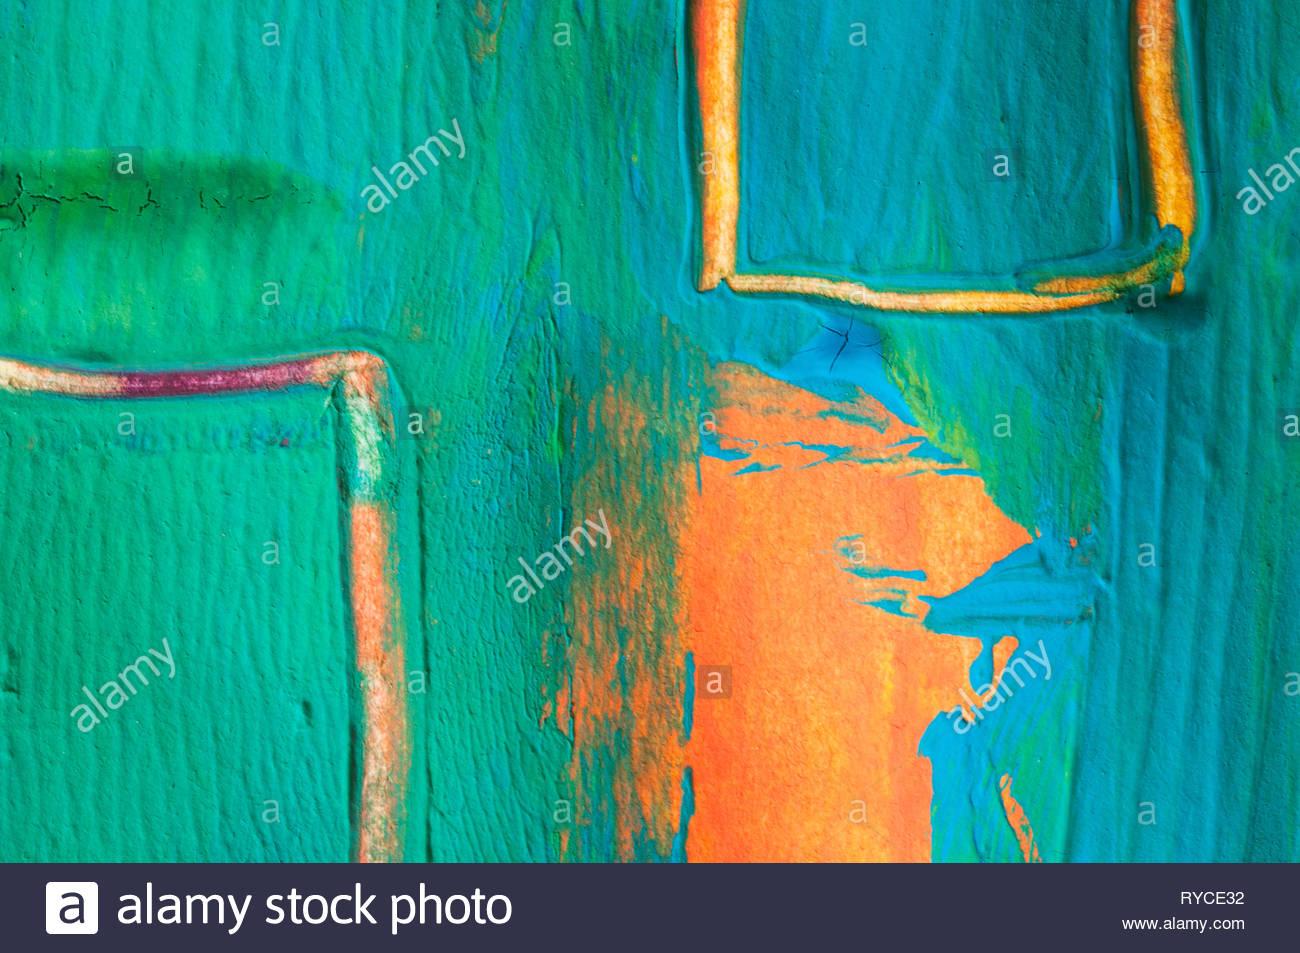 Abstract gouache pittura blu verde, rosso arancio Immagini Stock